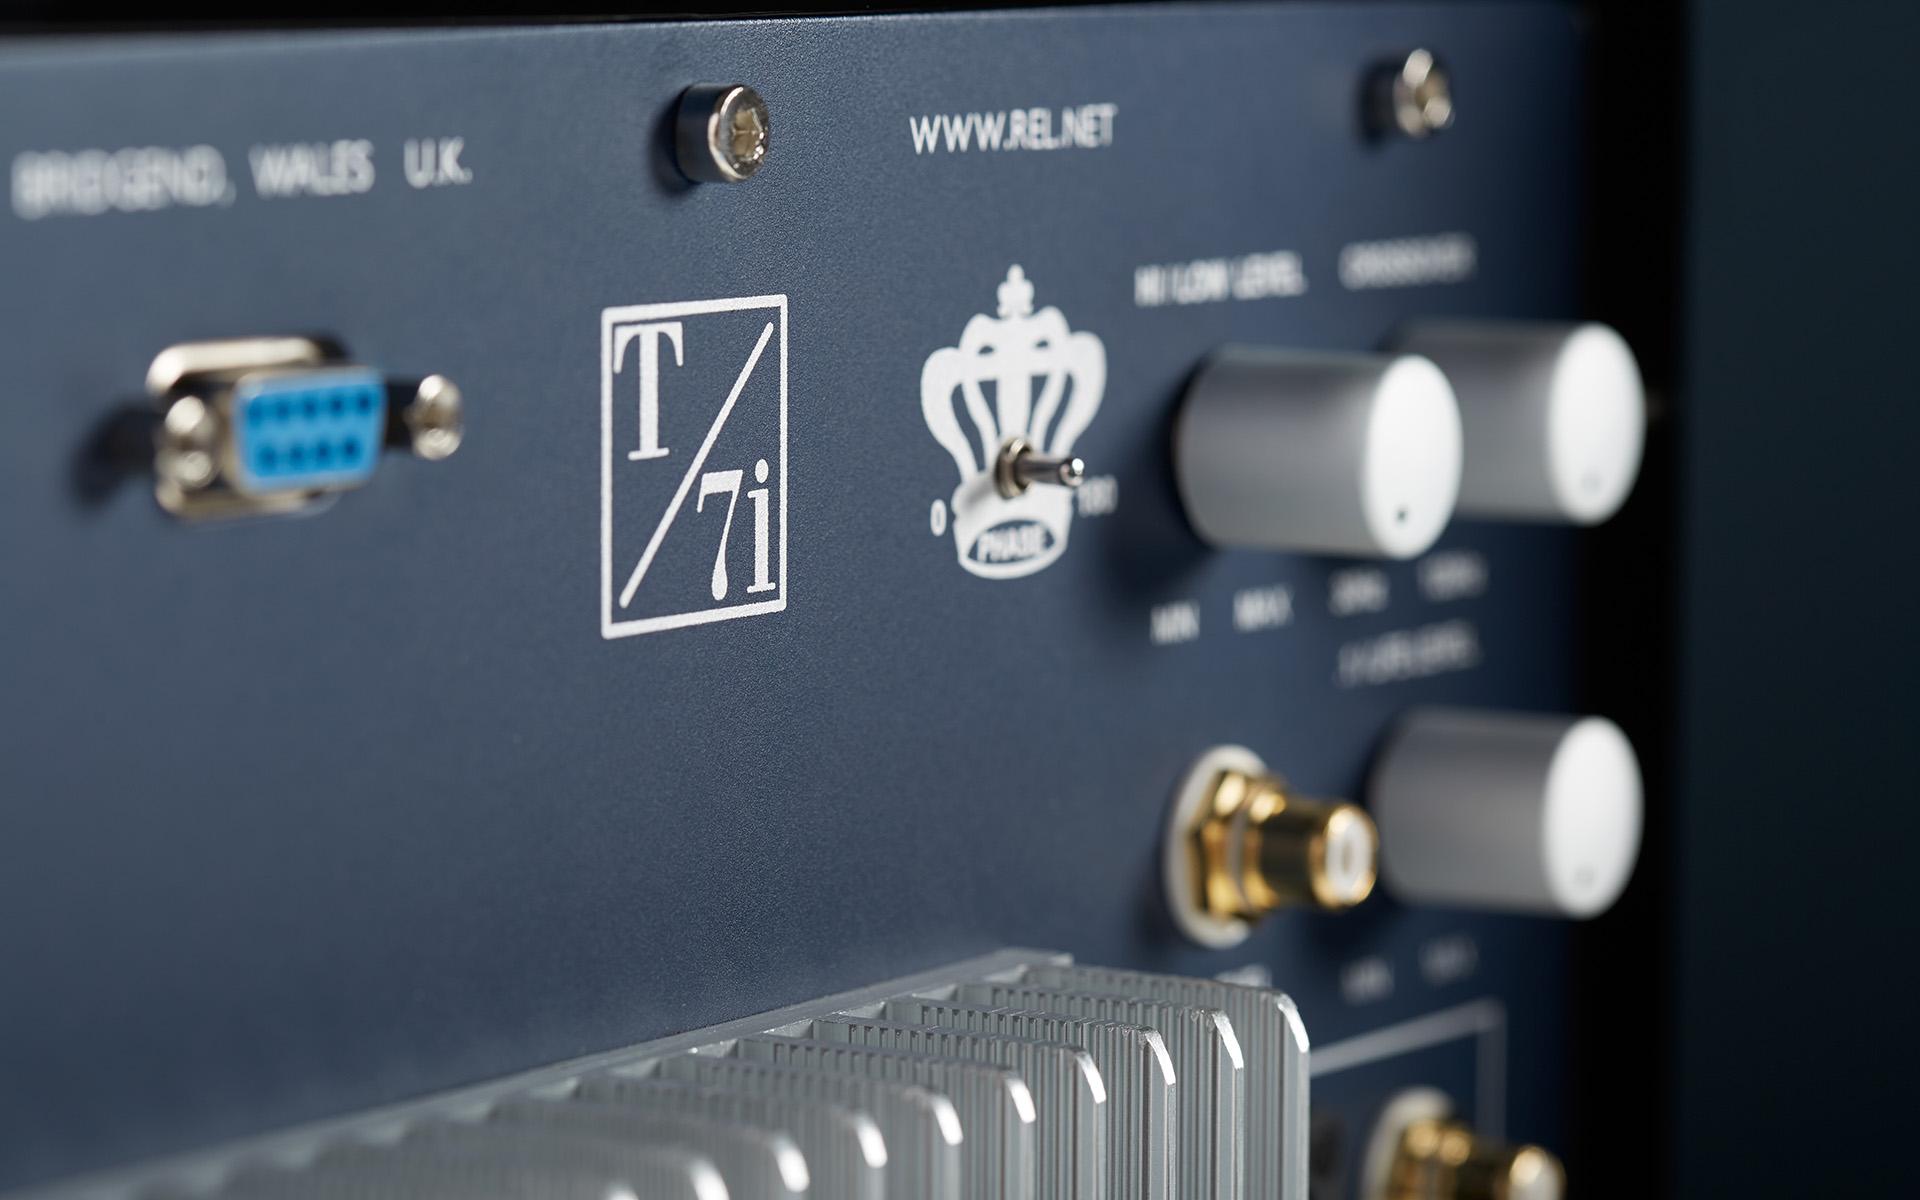 Задняя панель корпуса REL T7/i имеет весьма внушительный вид